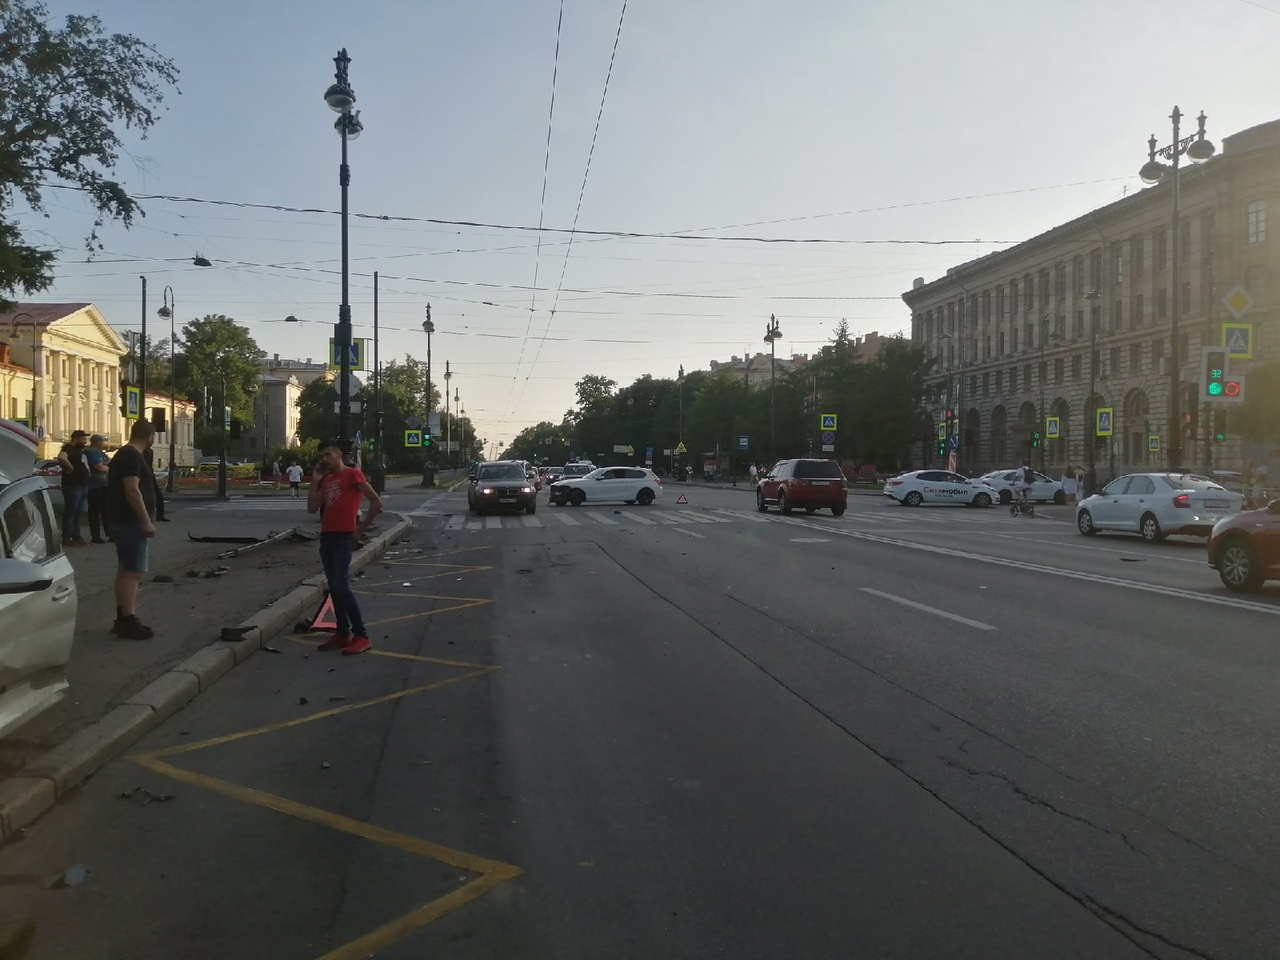 На пересечении 8 линии и Большого проспекта столкнулись 2 машины..